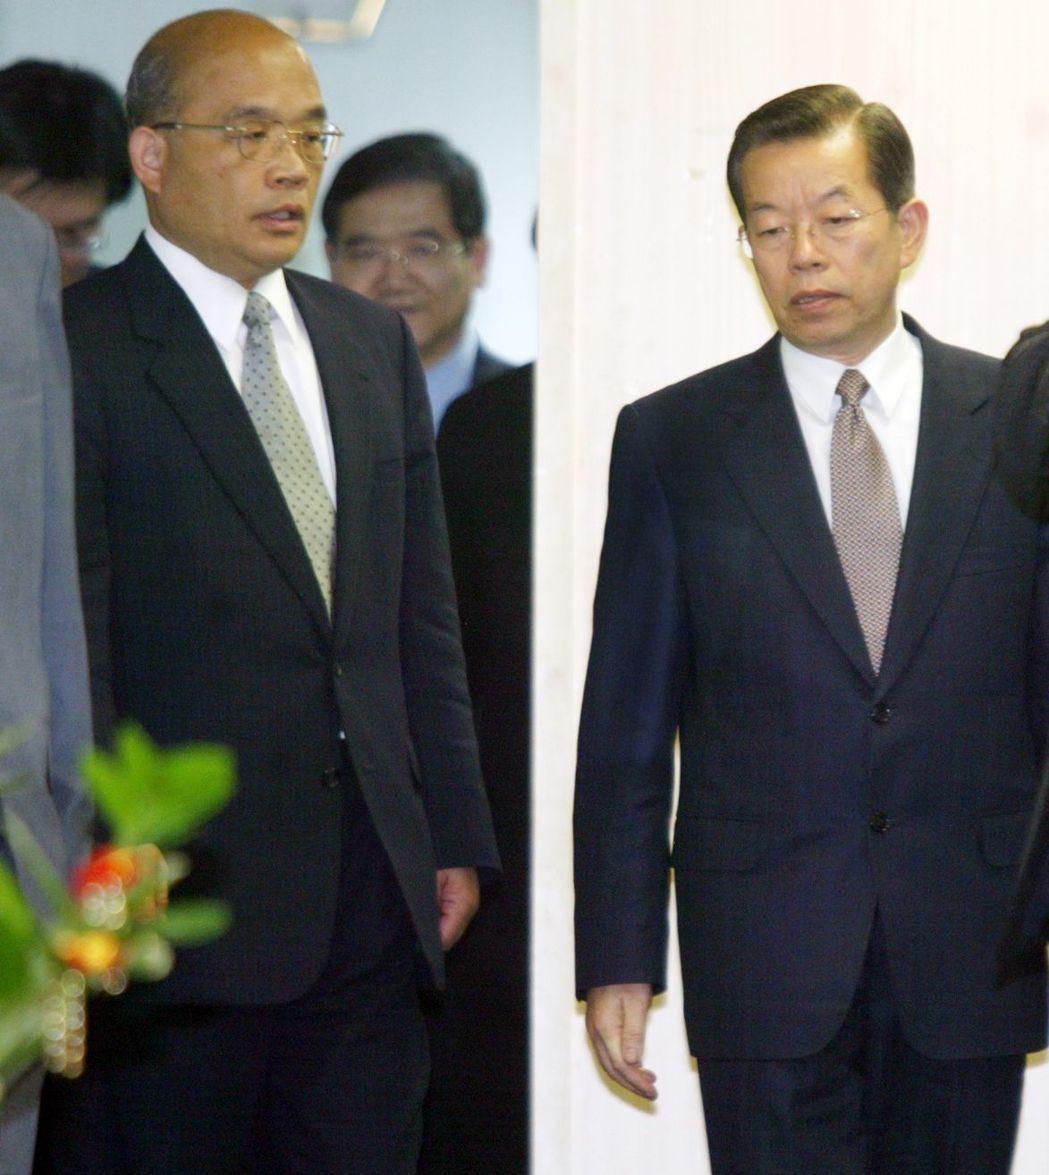 謝長廷(右)卸任閣揆,交棒給蘇貞昌(左)時,以一首名為「落葉」的歌詞做寫照。 報...